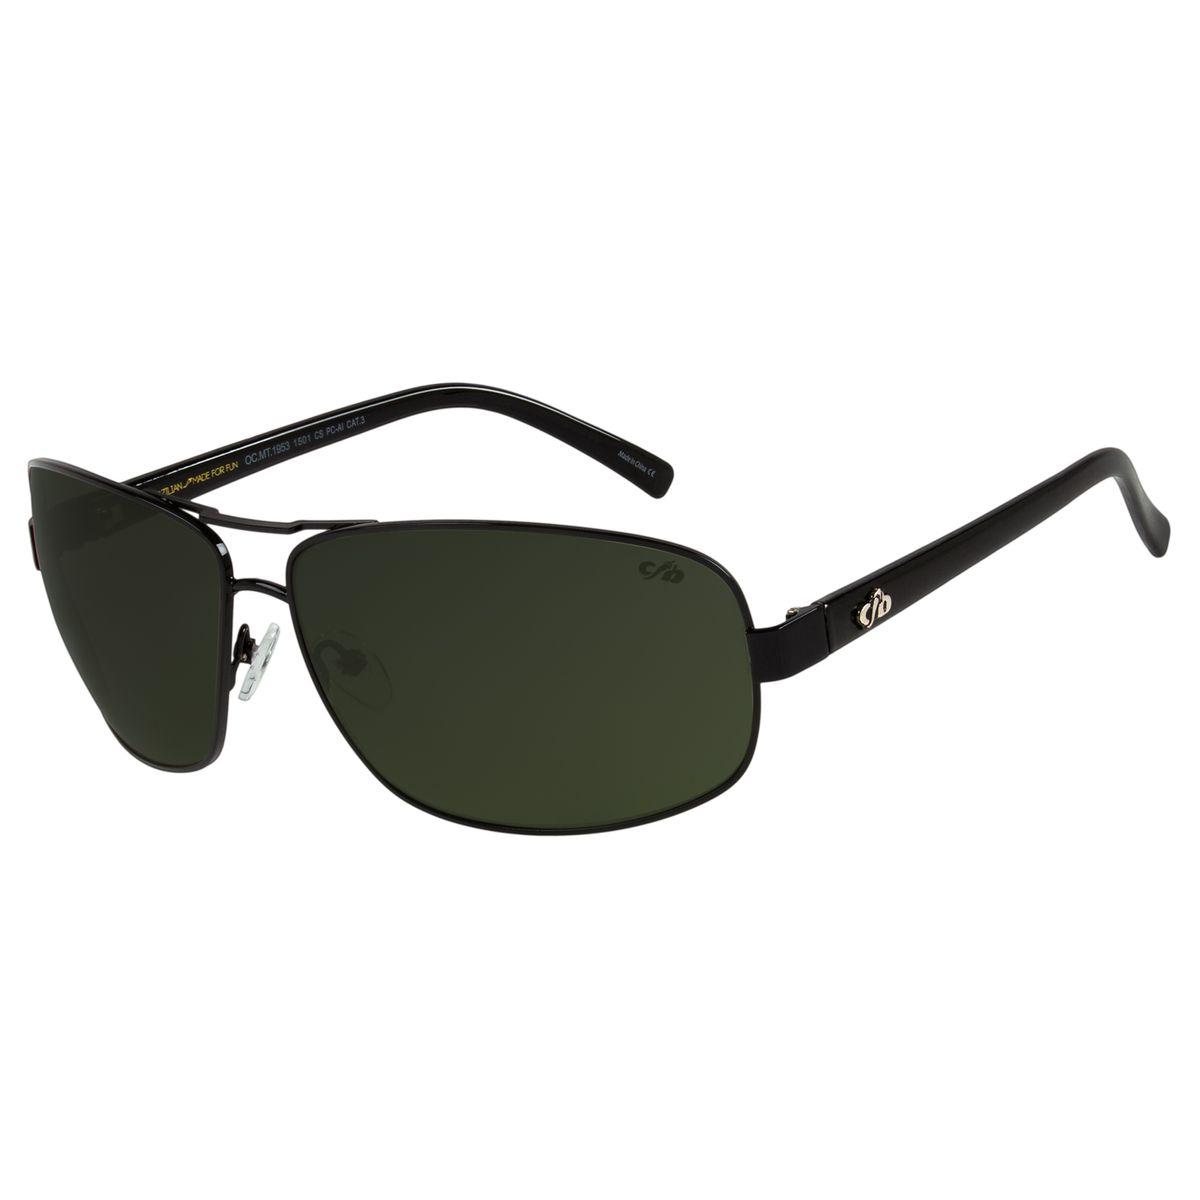 e4650c4b8 Óculos de Sol Chilli Beans Masculino Executivo Preto - OC.MT.1953.1501.  REF: OC.MT.1953.1501. OC.